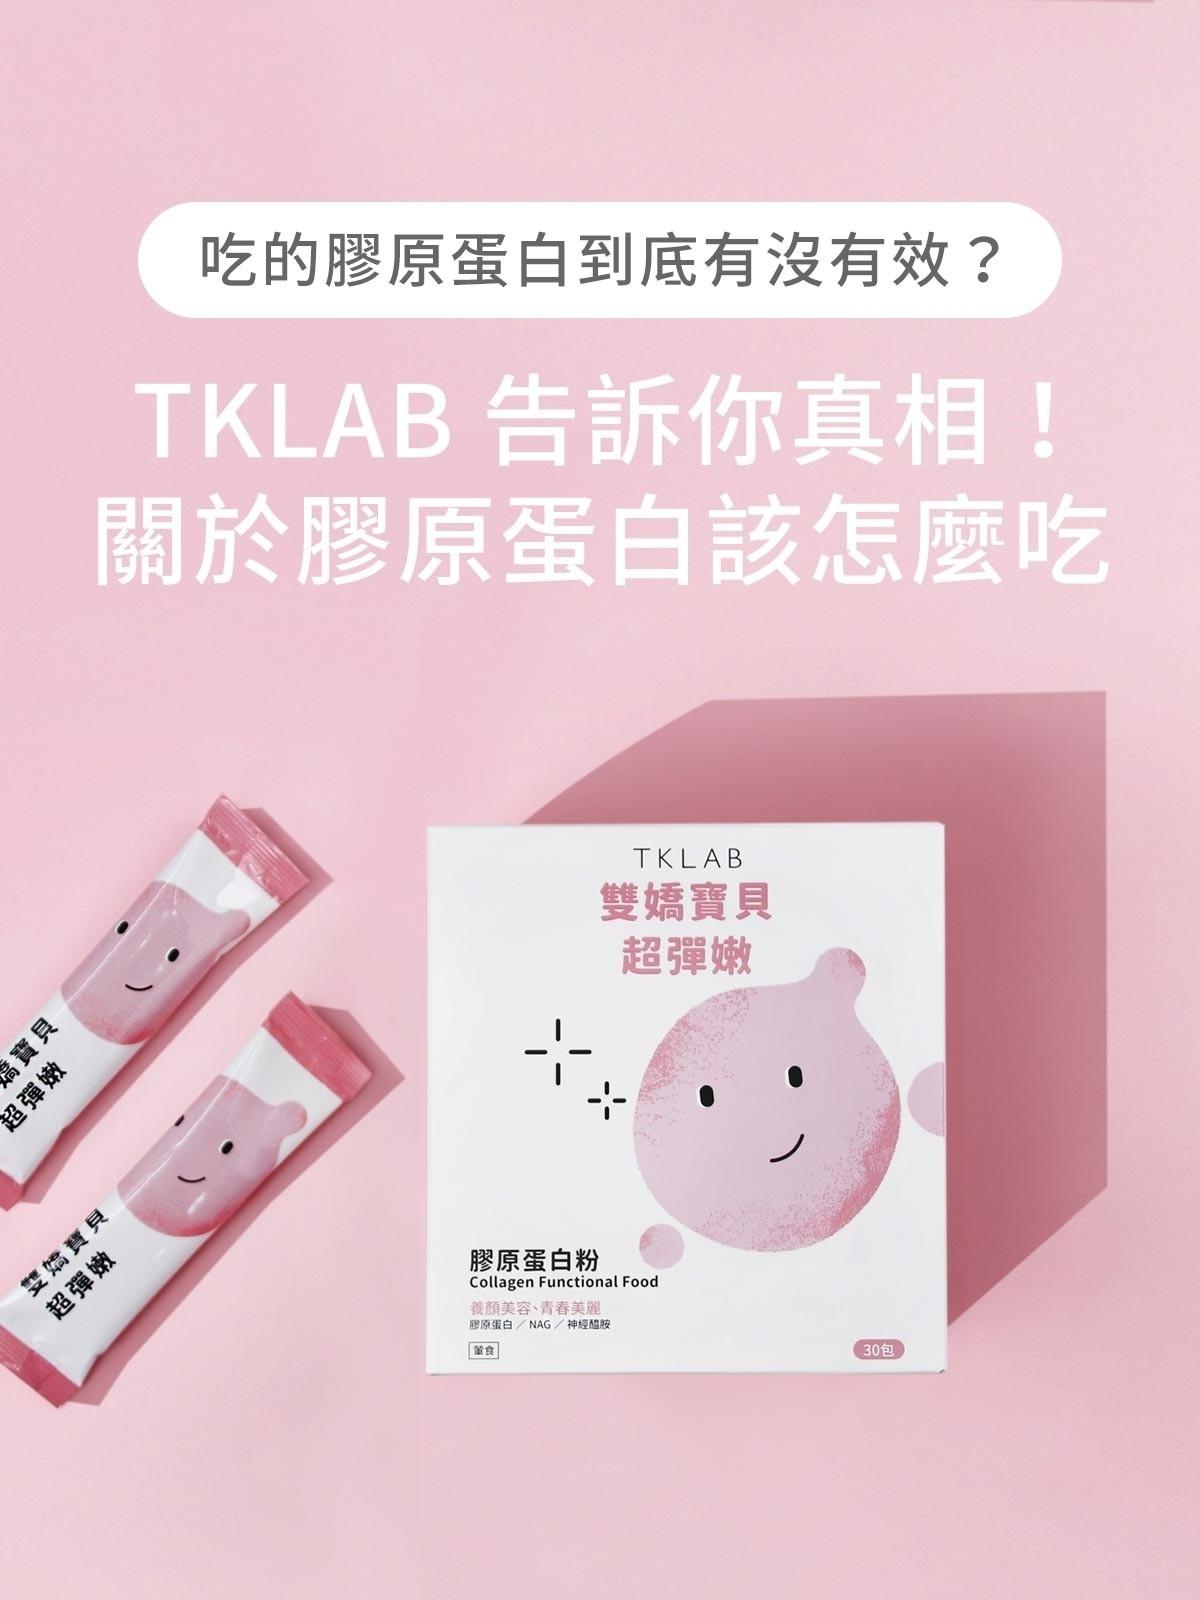 吃的膠原蛋白到底有沒有效?TKLAB告訴你真相!關於膠原蛋白該怎麼吃才有用。(2020)